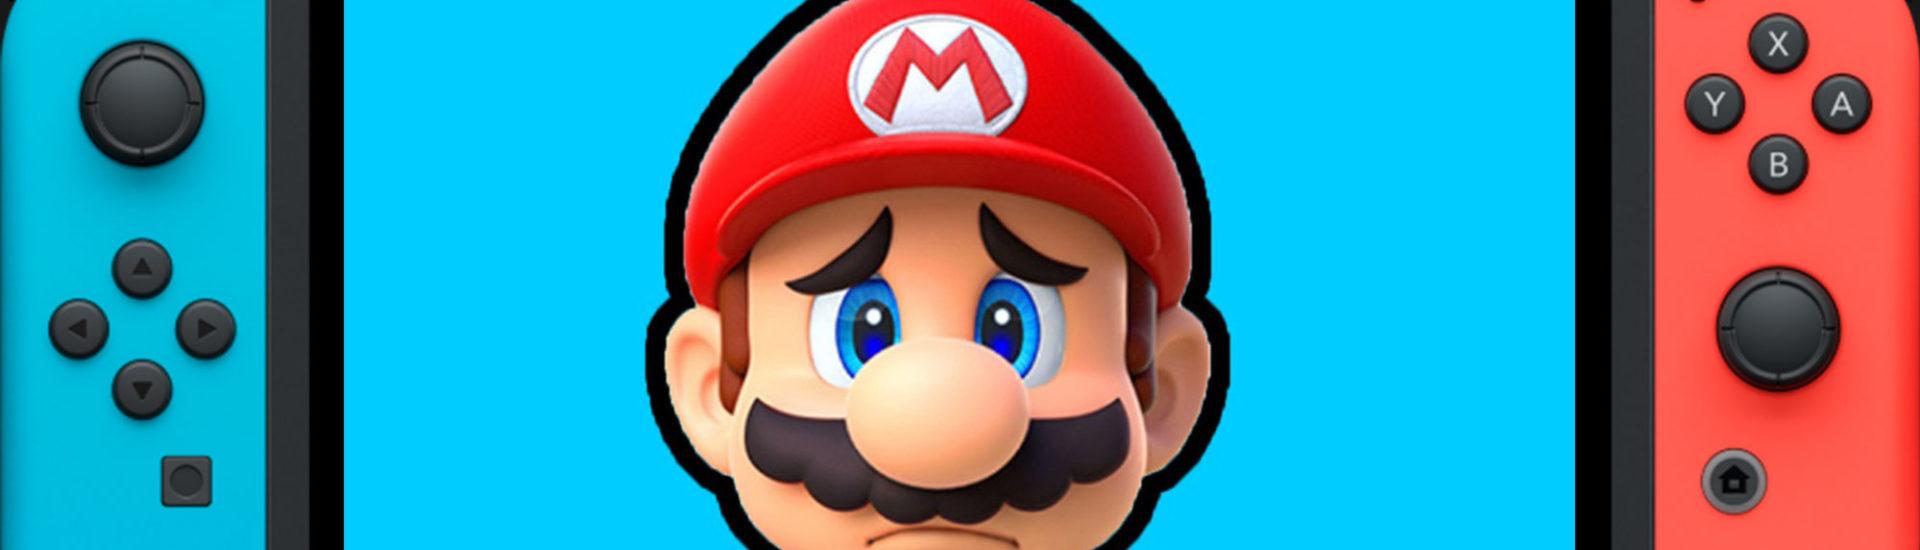 Nintendo Switch Pro: Laut einem Gerücht nicht mehr in 2021